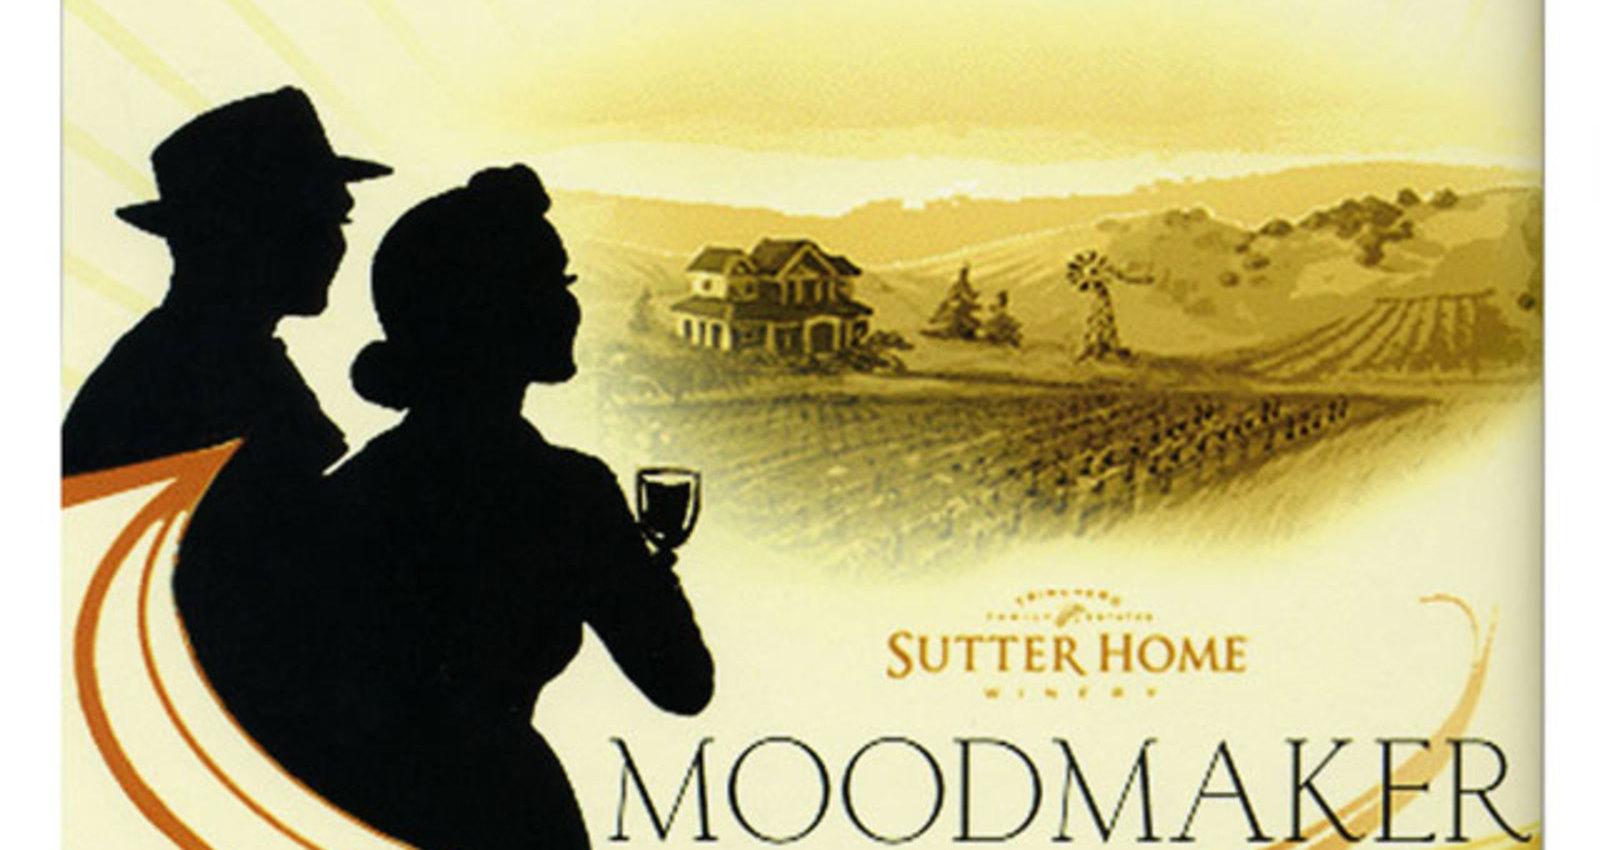 MoodMaker